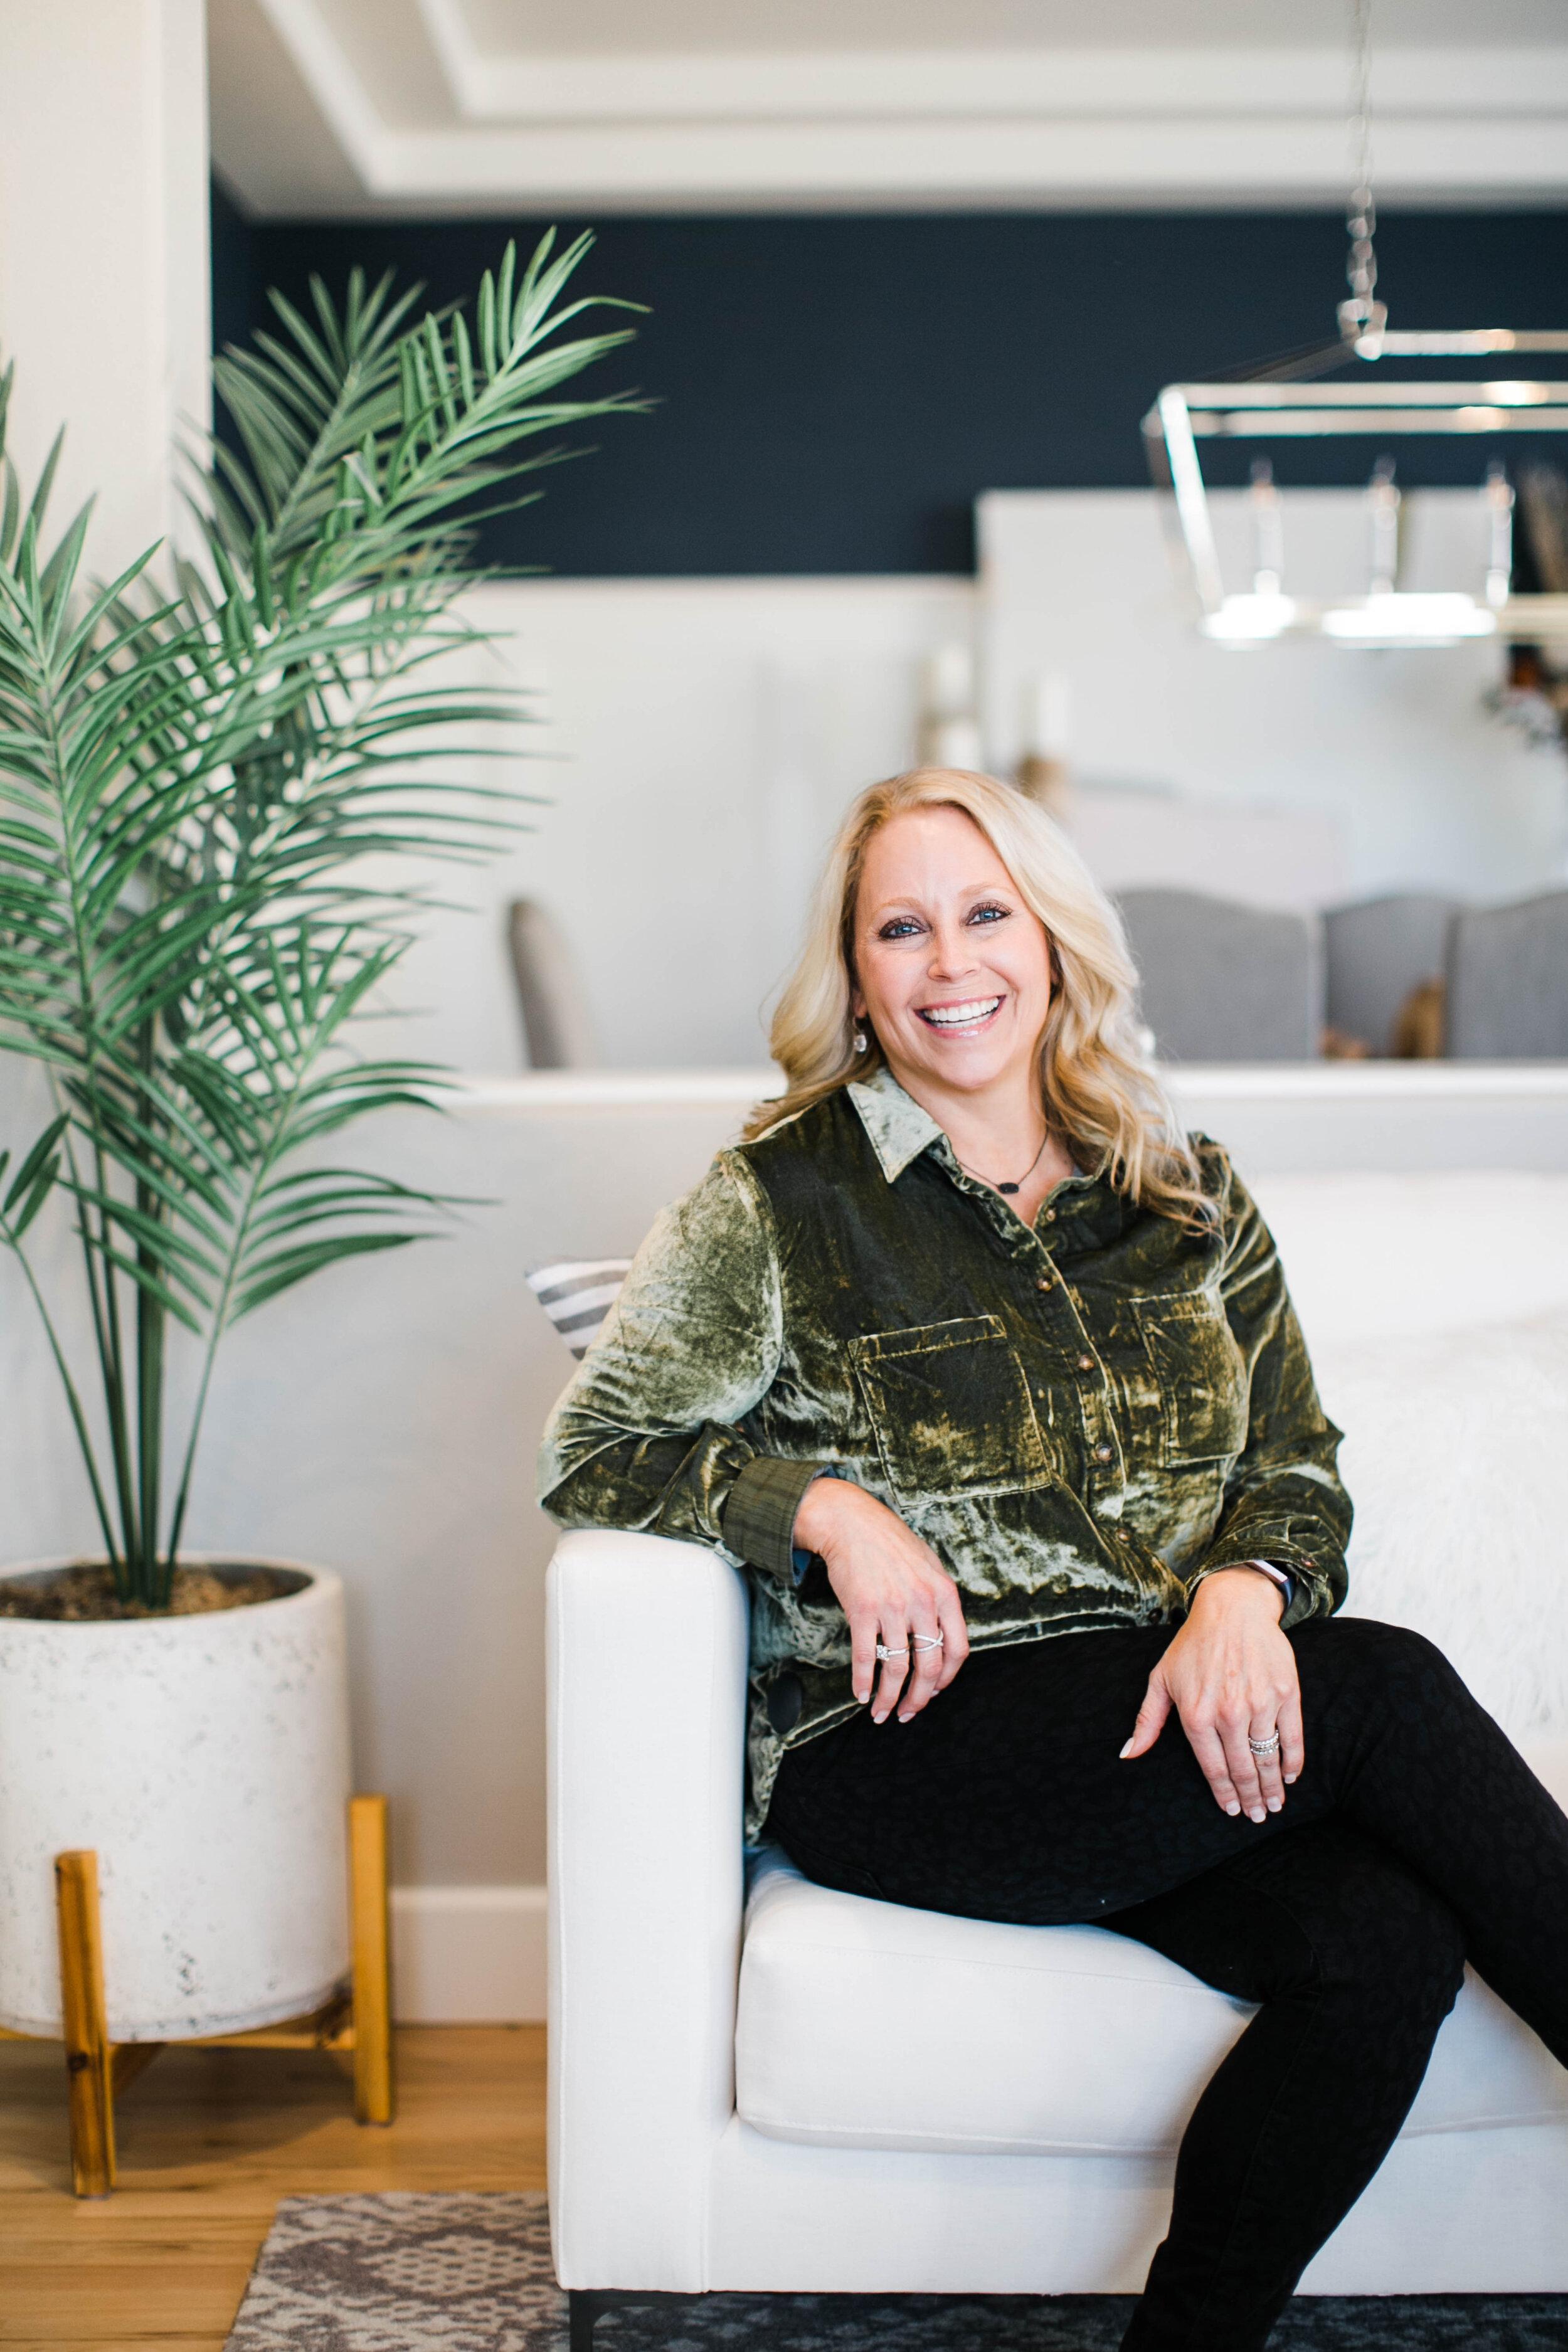 Holly: Interior Design, Entertainment and Decor blogger